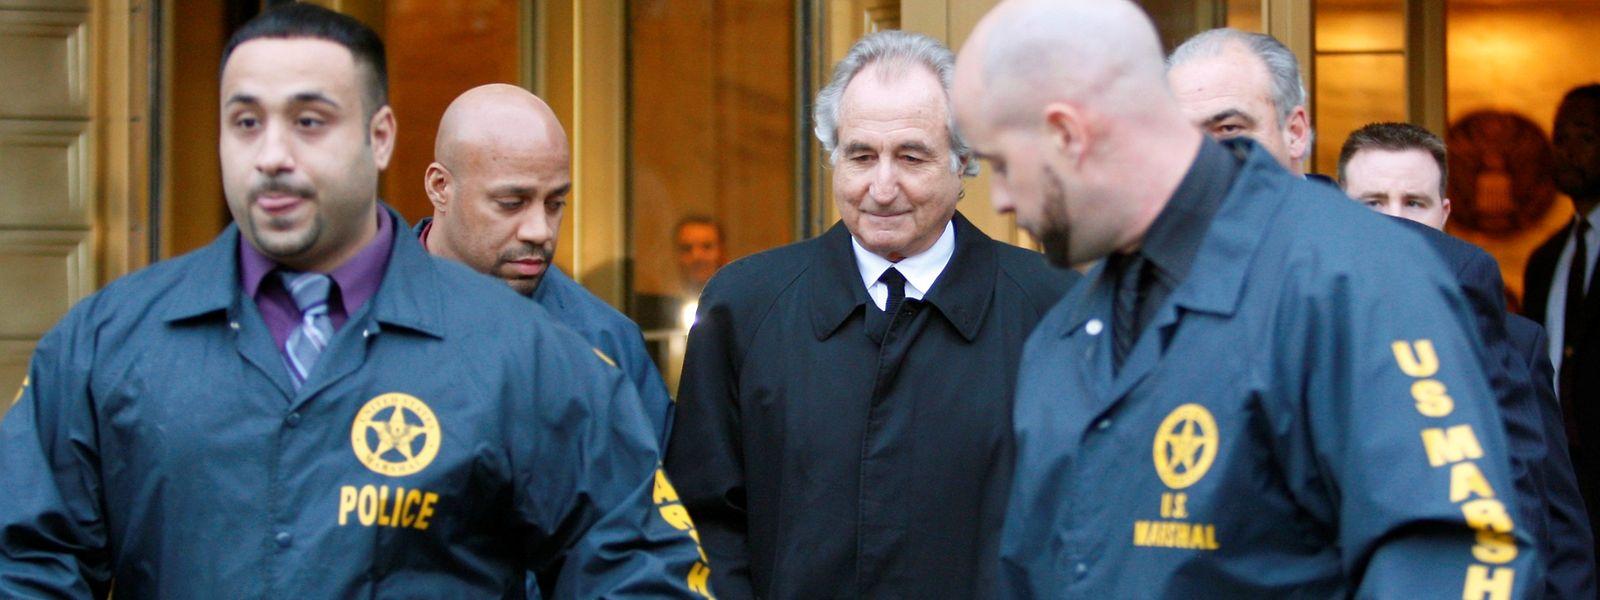 Bernie Madoff auf dem Weg zu einer Anhörung in New York im Jahr 2009.